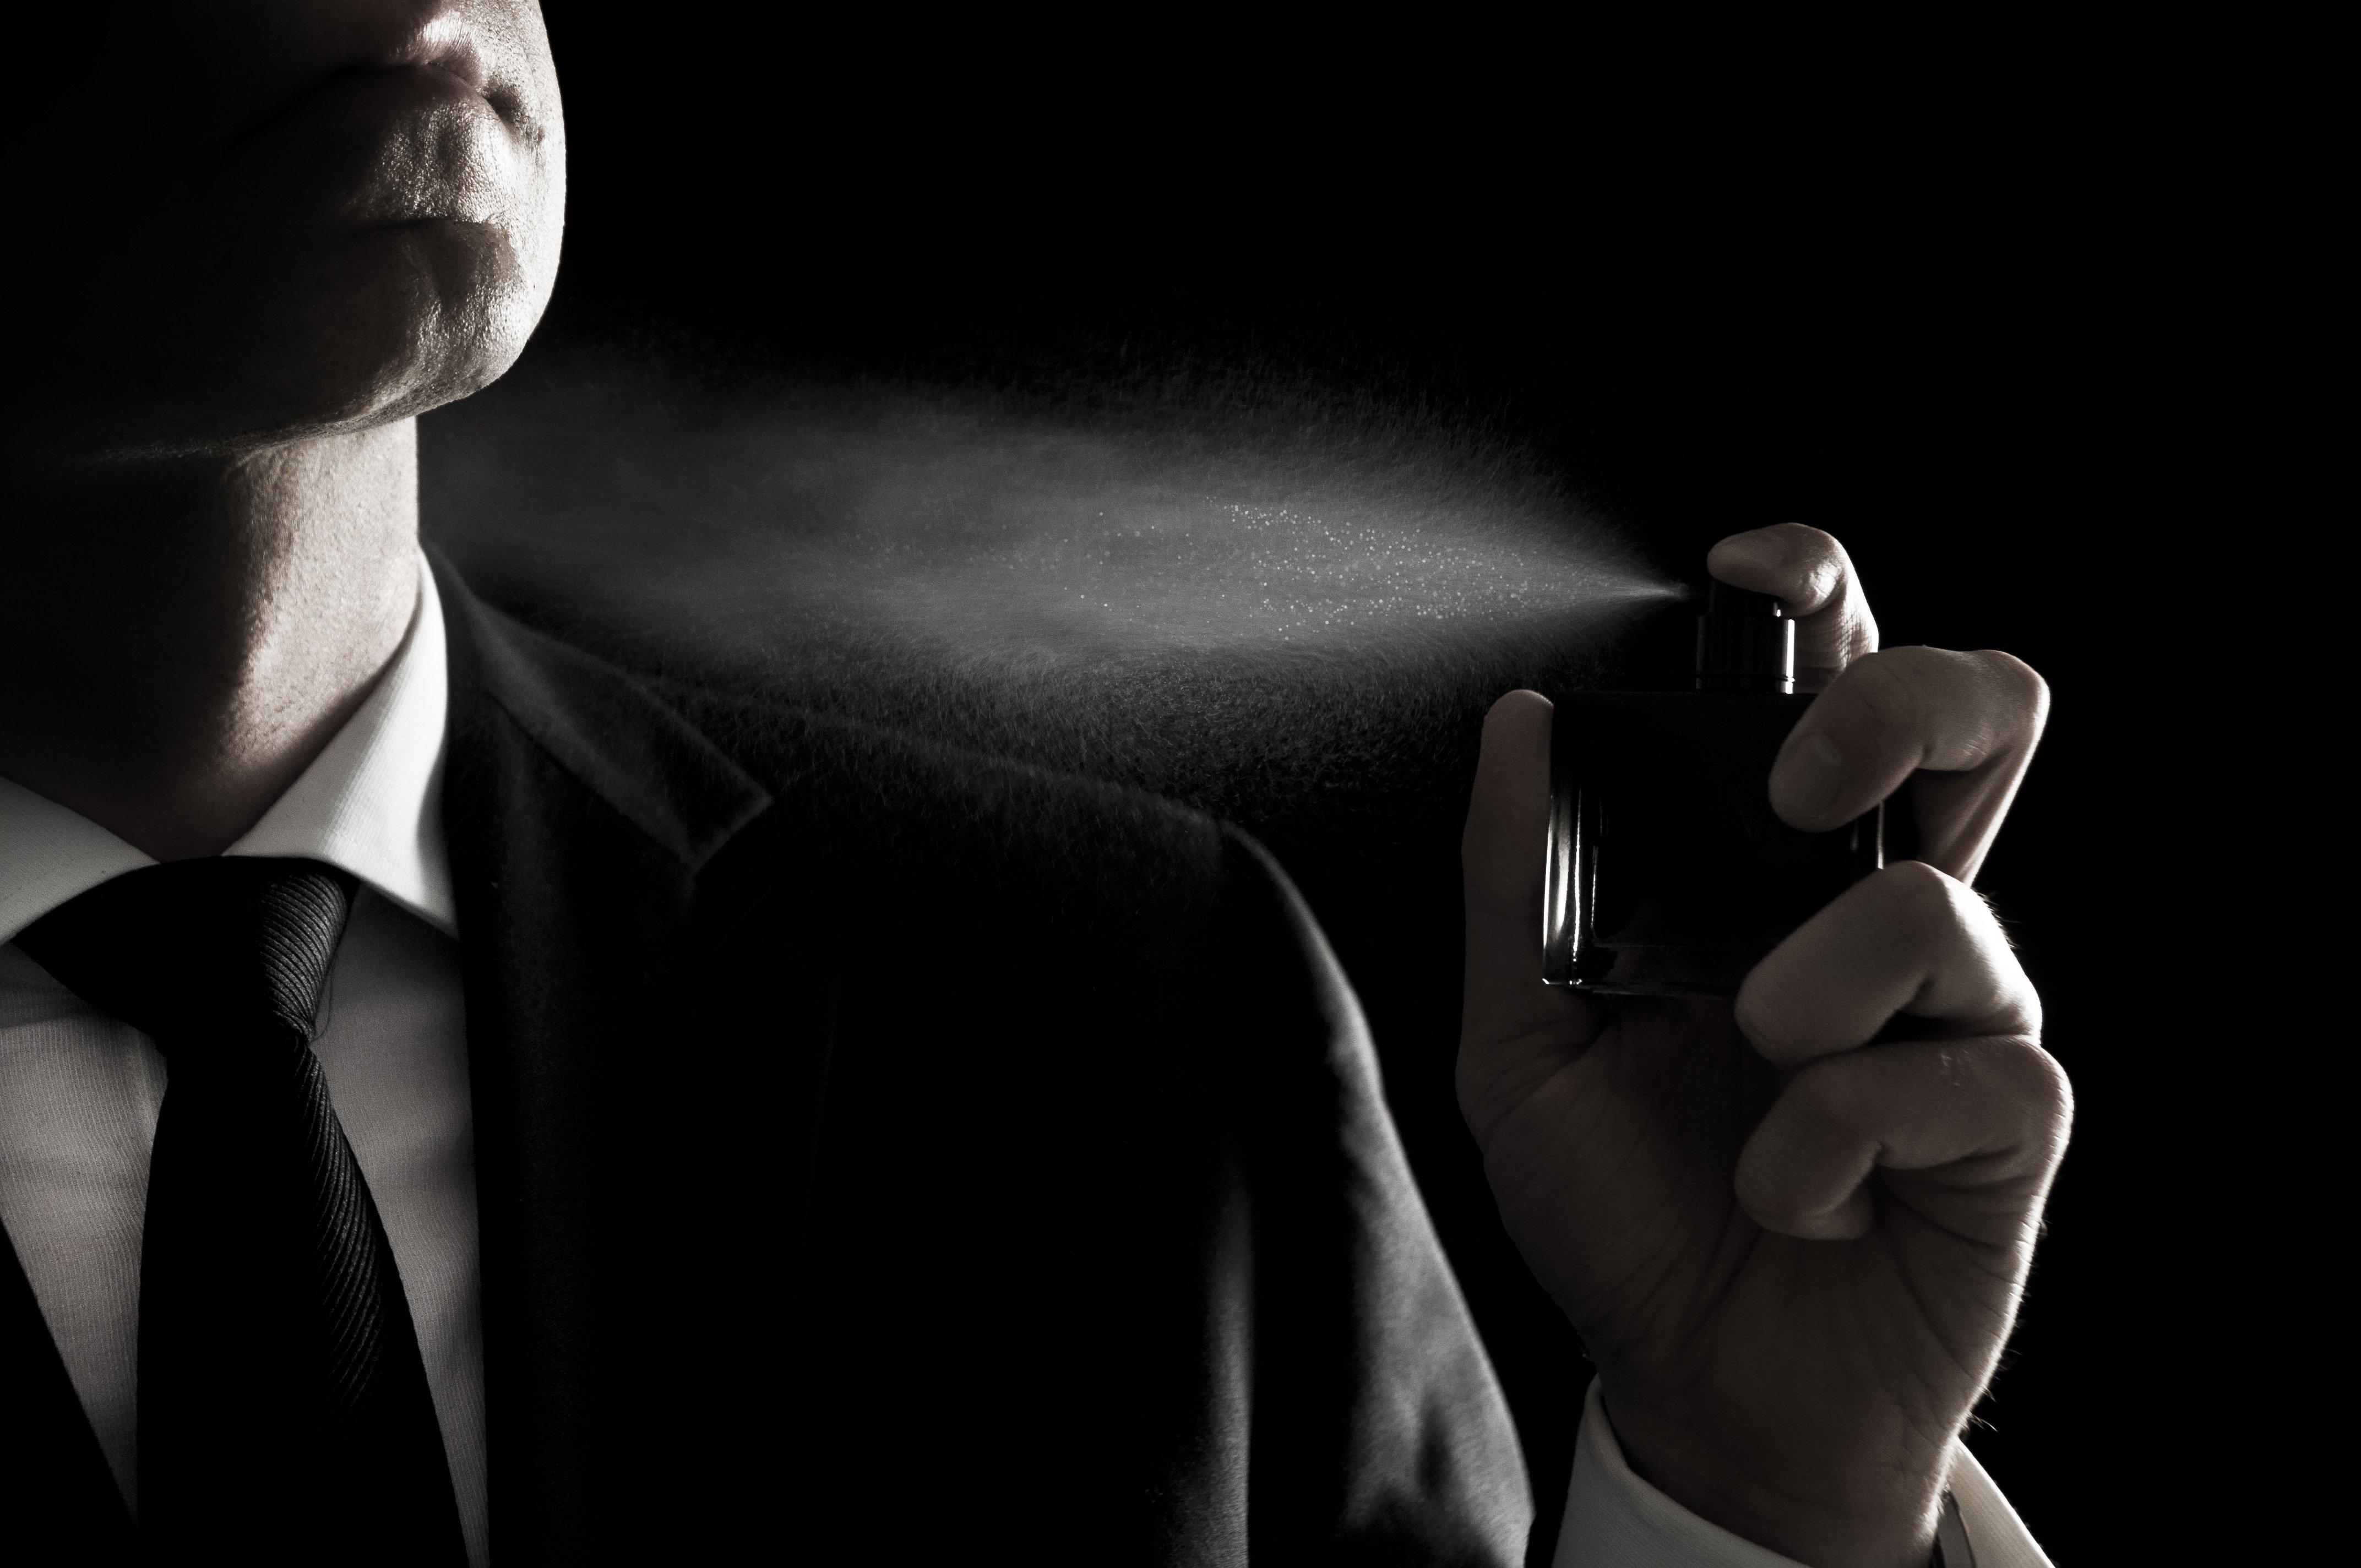 Jakie perfumy męskie kupić? Oto 4 najmodniejsze zapachy!